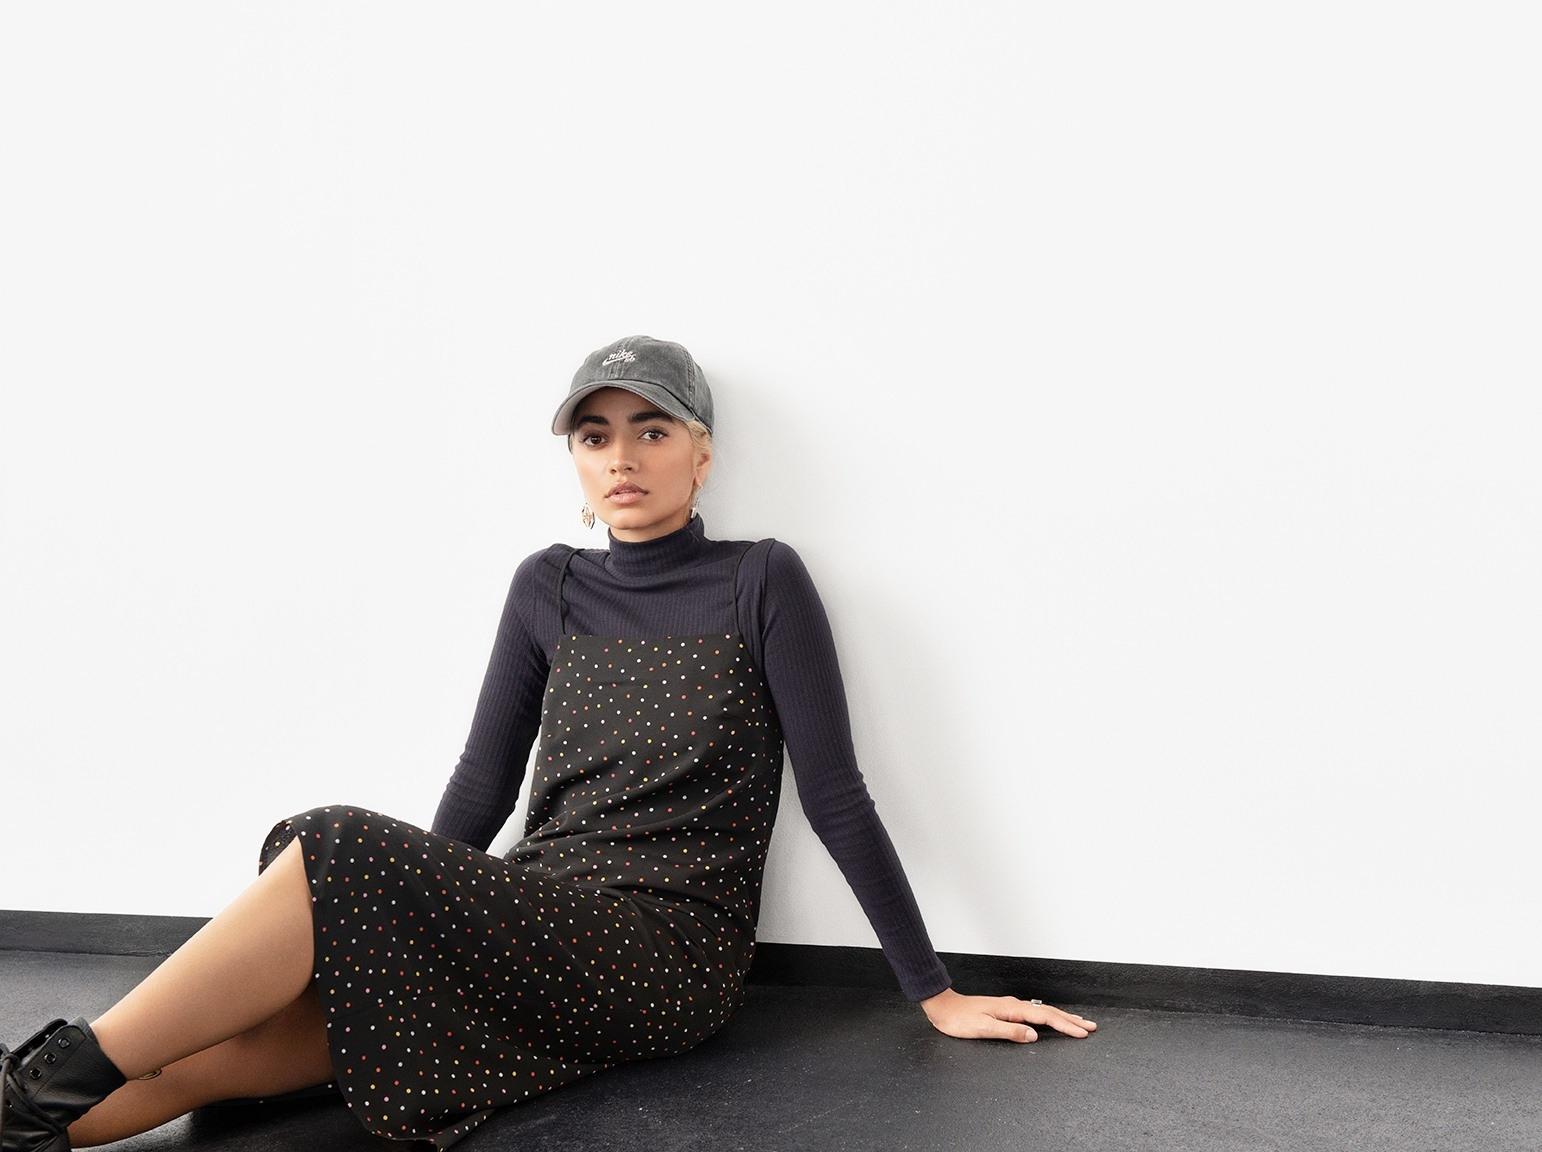 Abend Luxus Kleider Für Frauen Über 40 SpezialgebietAbend Top Kleider Für Frauen Über 40 Stylish